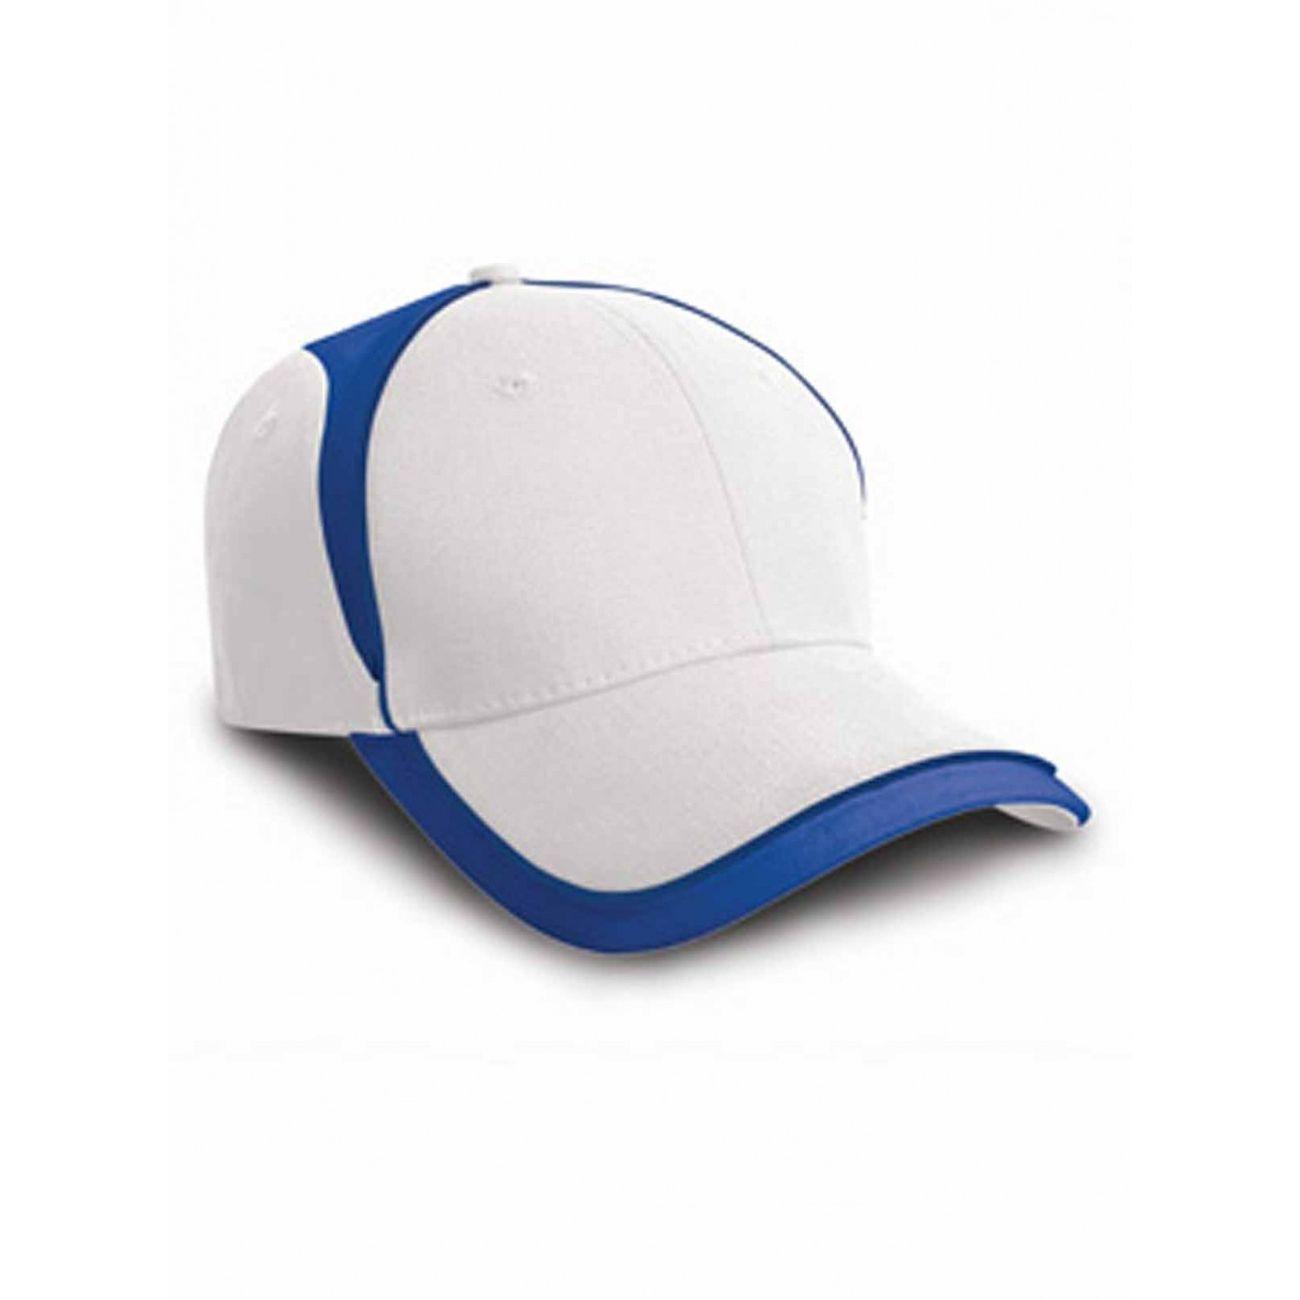 Mode- Lifestyle adulte RESULT Casquette supporter aux couleurs de la Finlande - RC062 - blanc